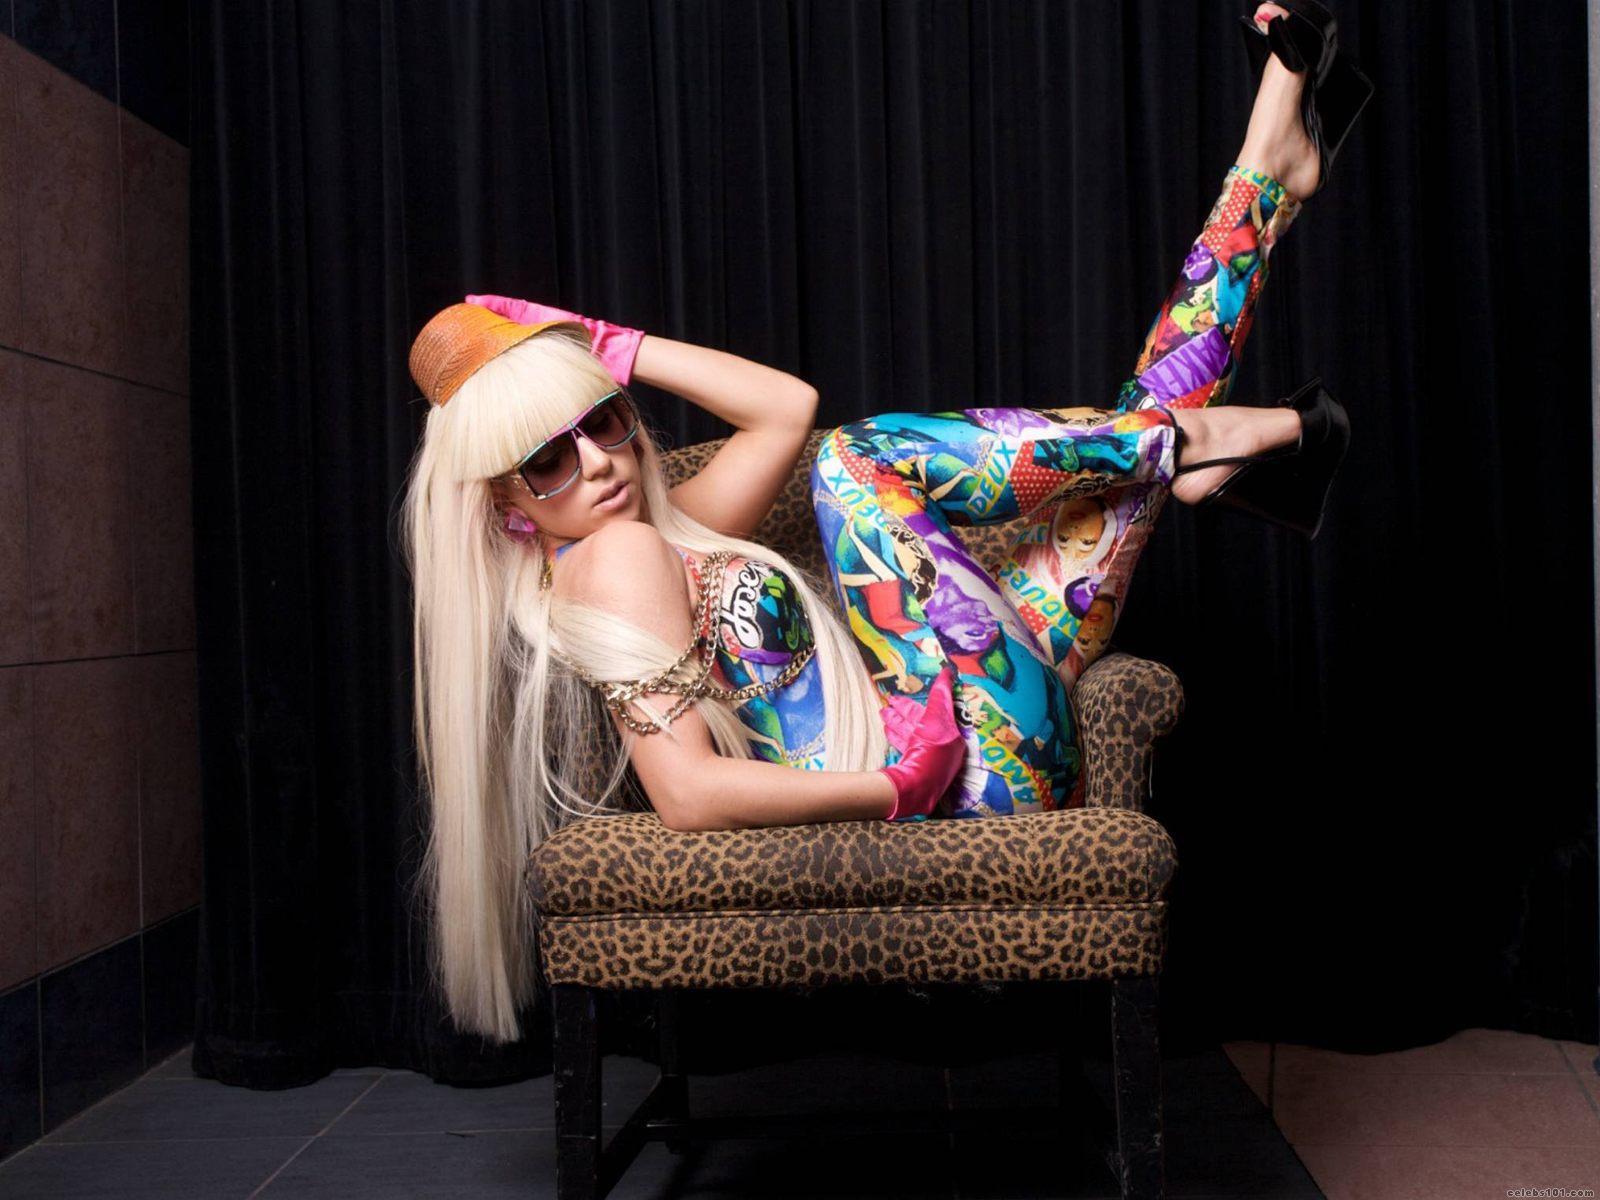 http://2.bp.blogspot.com/-i8uzogkOS7o/T8OE4-Ah9rI/AAAAAAAACAk/s_6tHI3mXL4/s1600/Lady-Gaga-Wallpaper-24.jpg